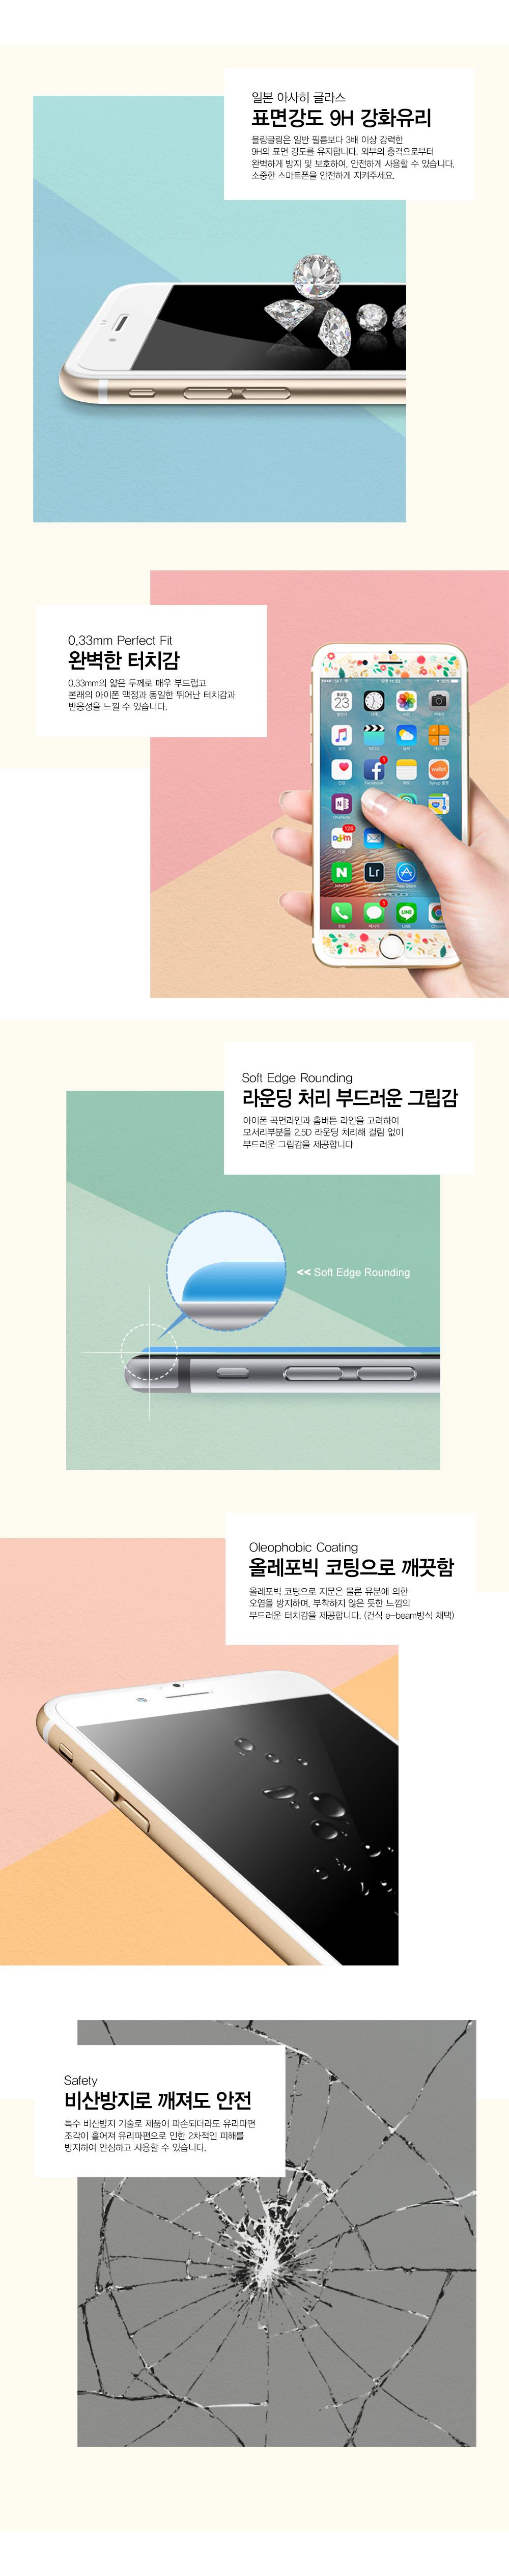 공주시리즈 - 인어공주 아이폰 디자인 강화유리 - 블링글링, 20,900원, 필름/스킨, 아이폰6/6 플러스